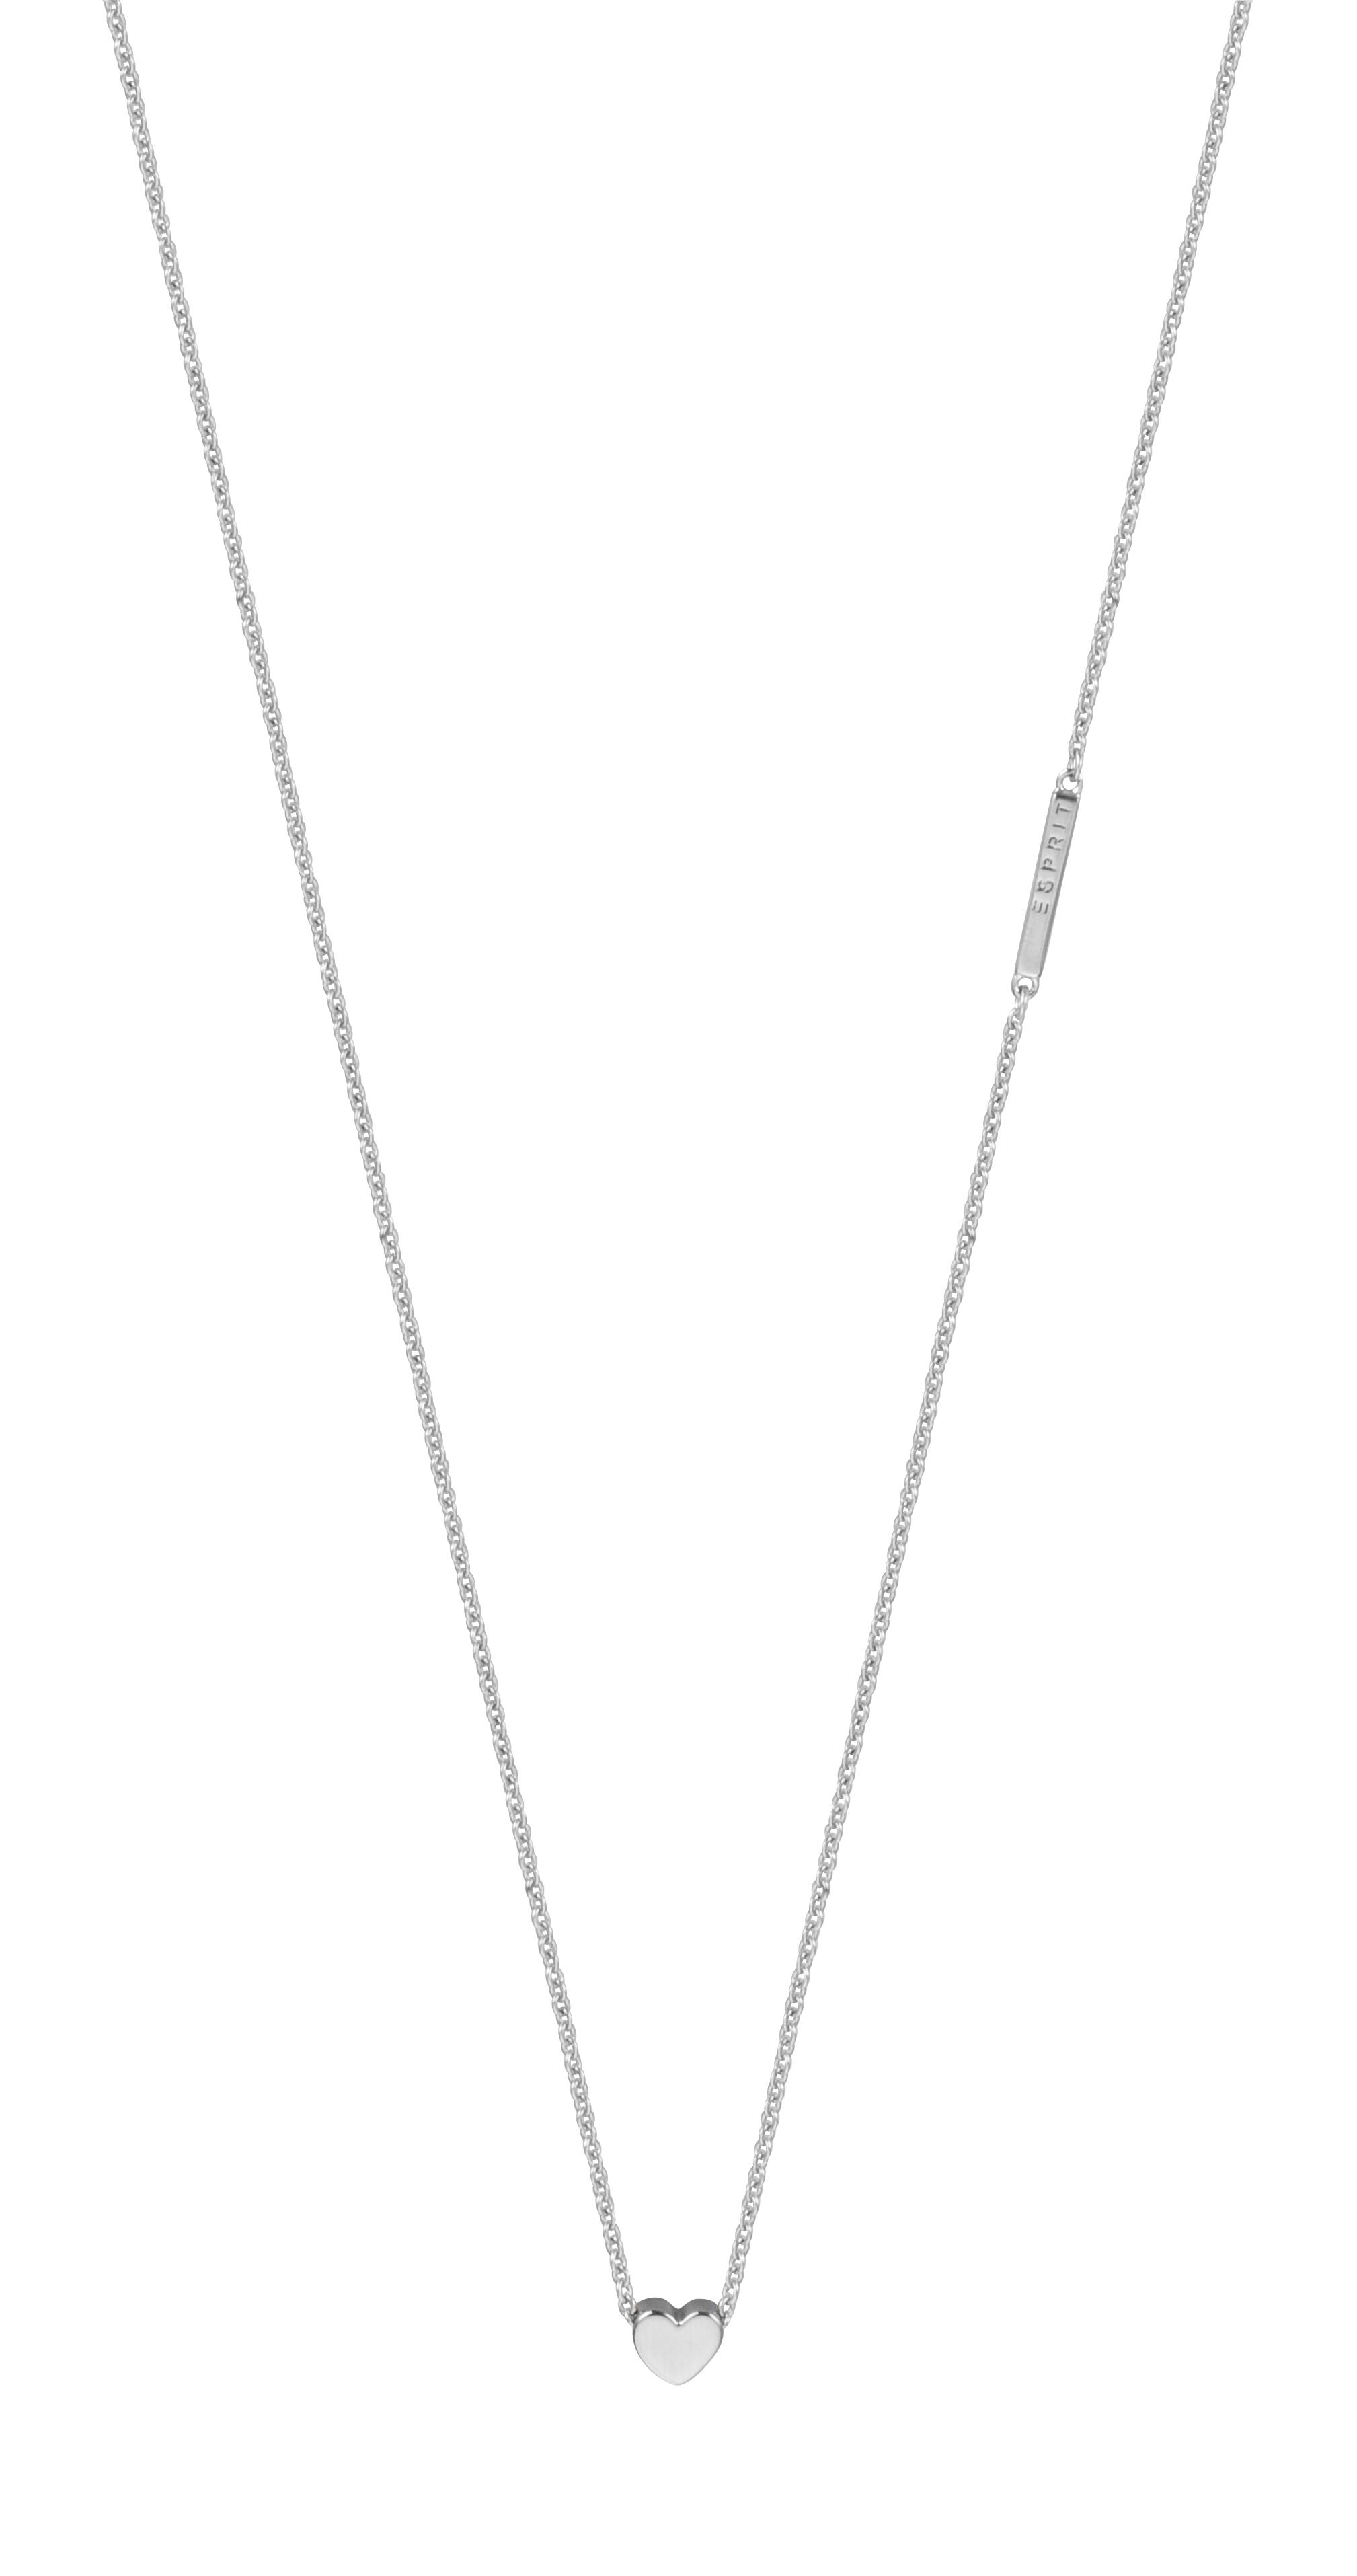 Esprit Damenkette mit Herzanhänger